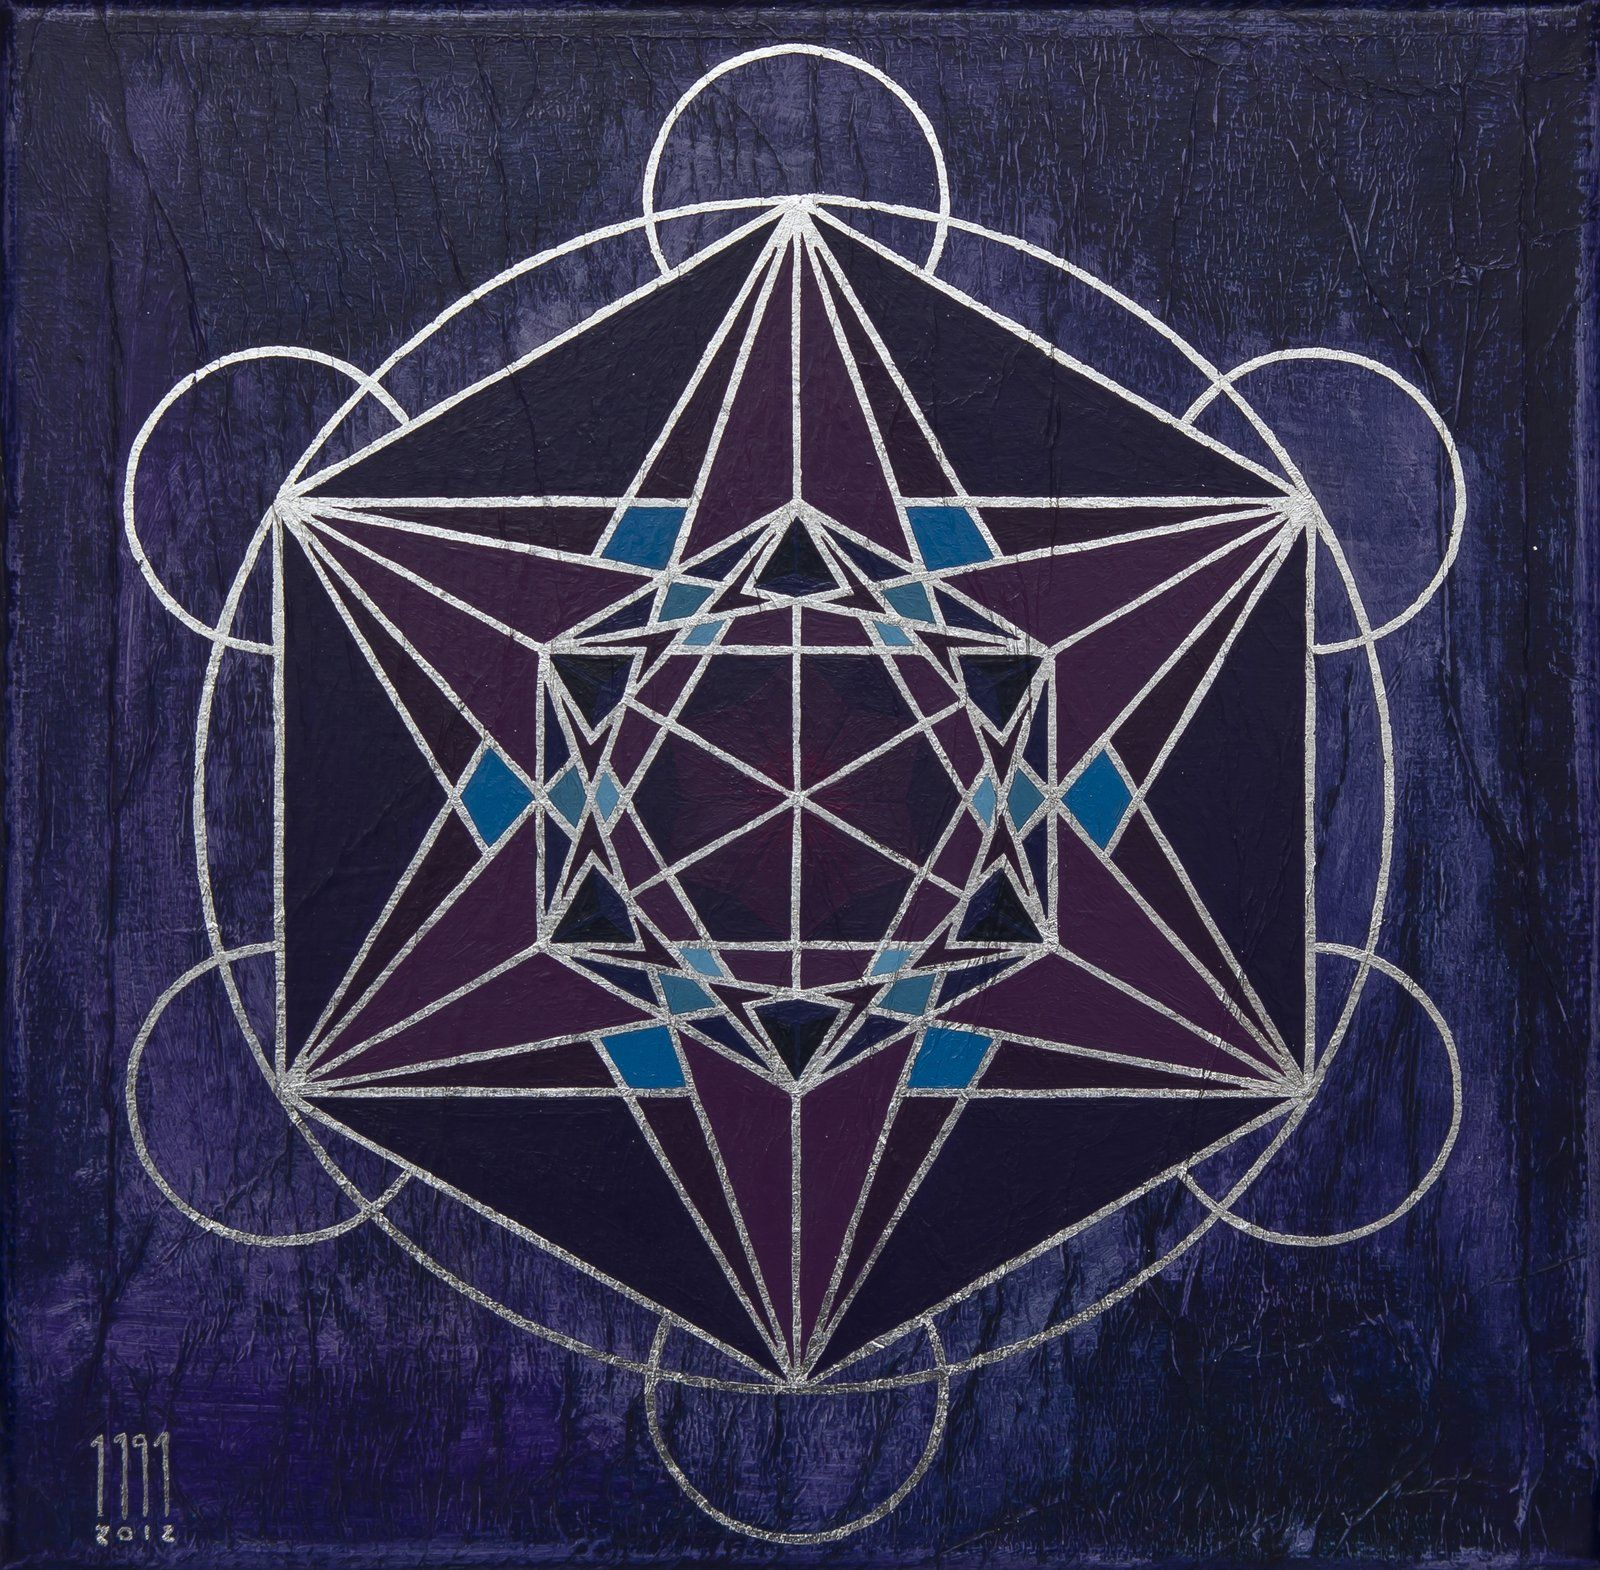 Cubo de Metatron , 33 x 33 cm, obra sobre tela.